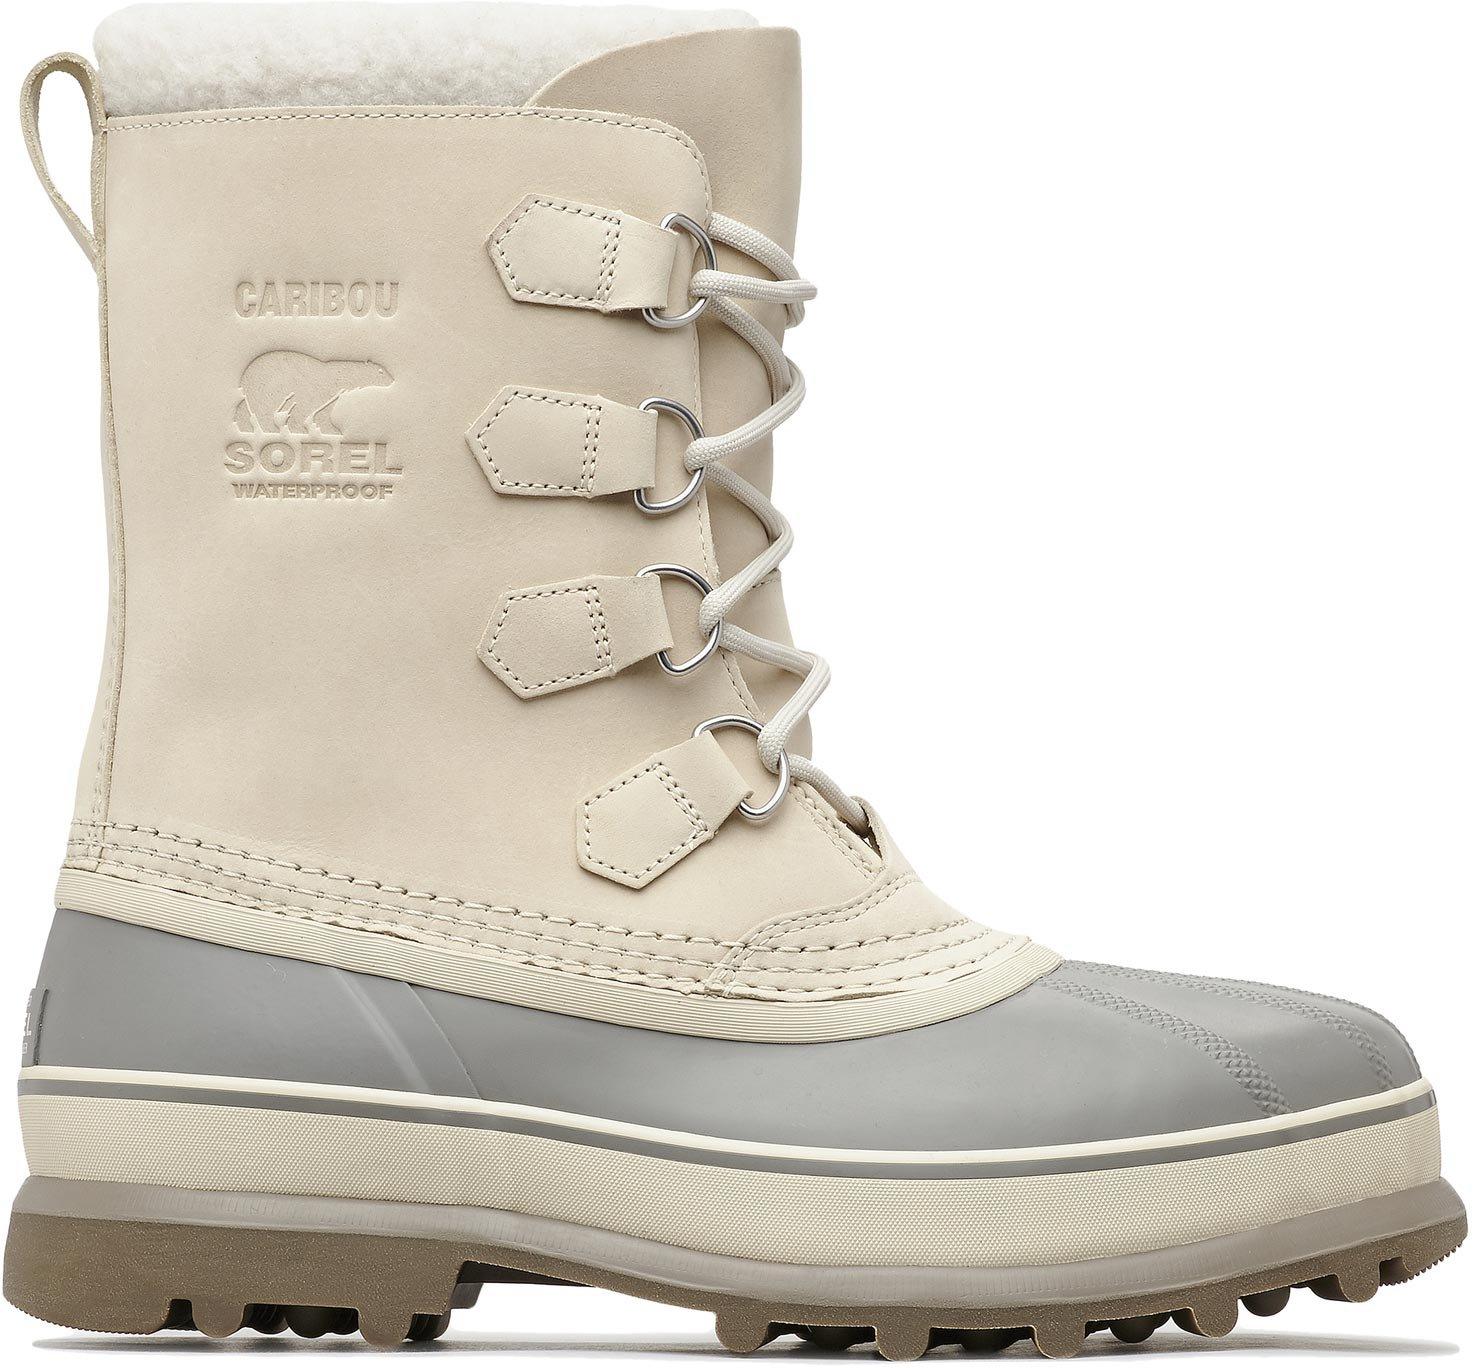 Panska obuv zimni  de14f1ddc1